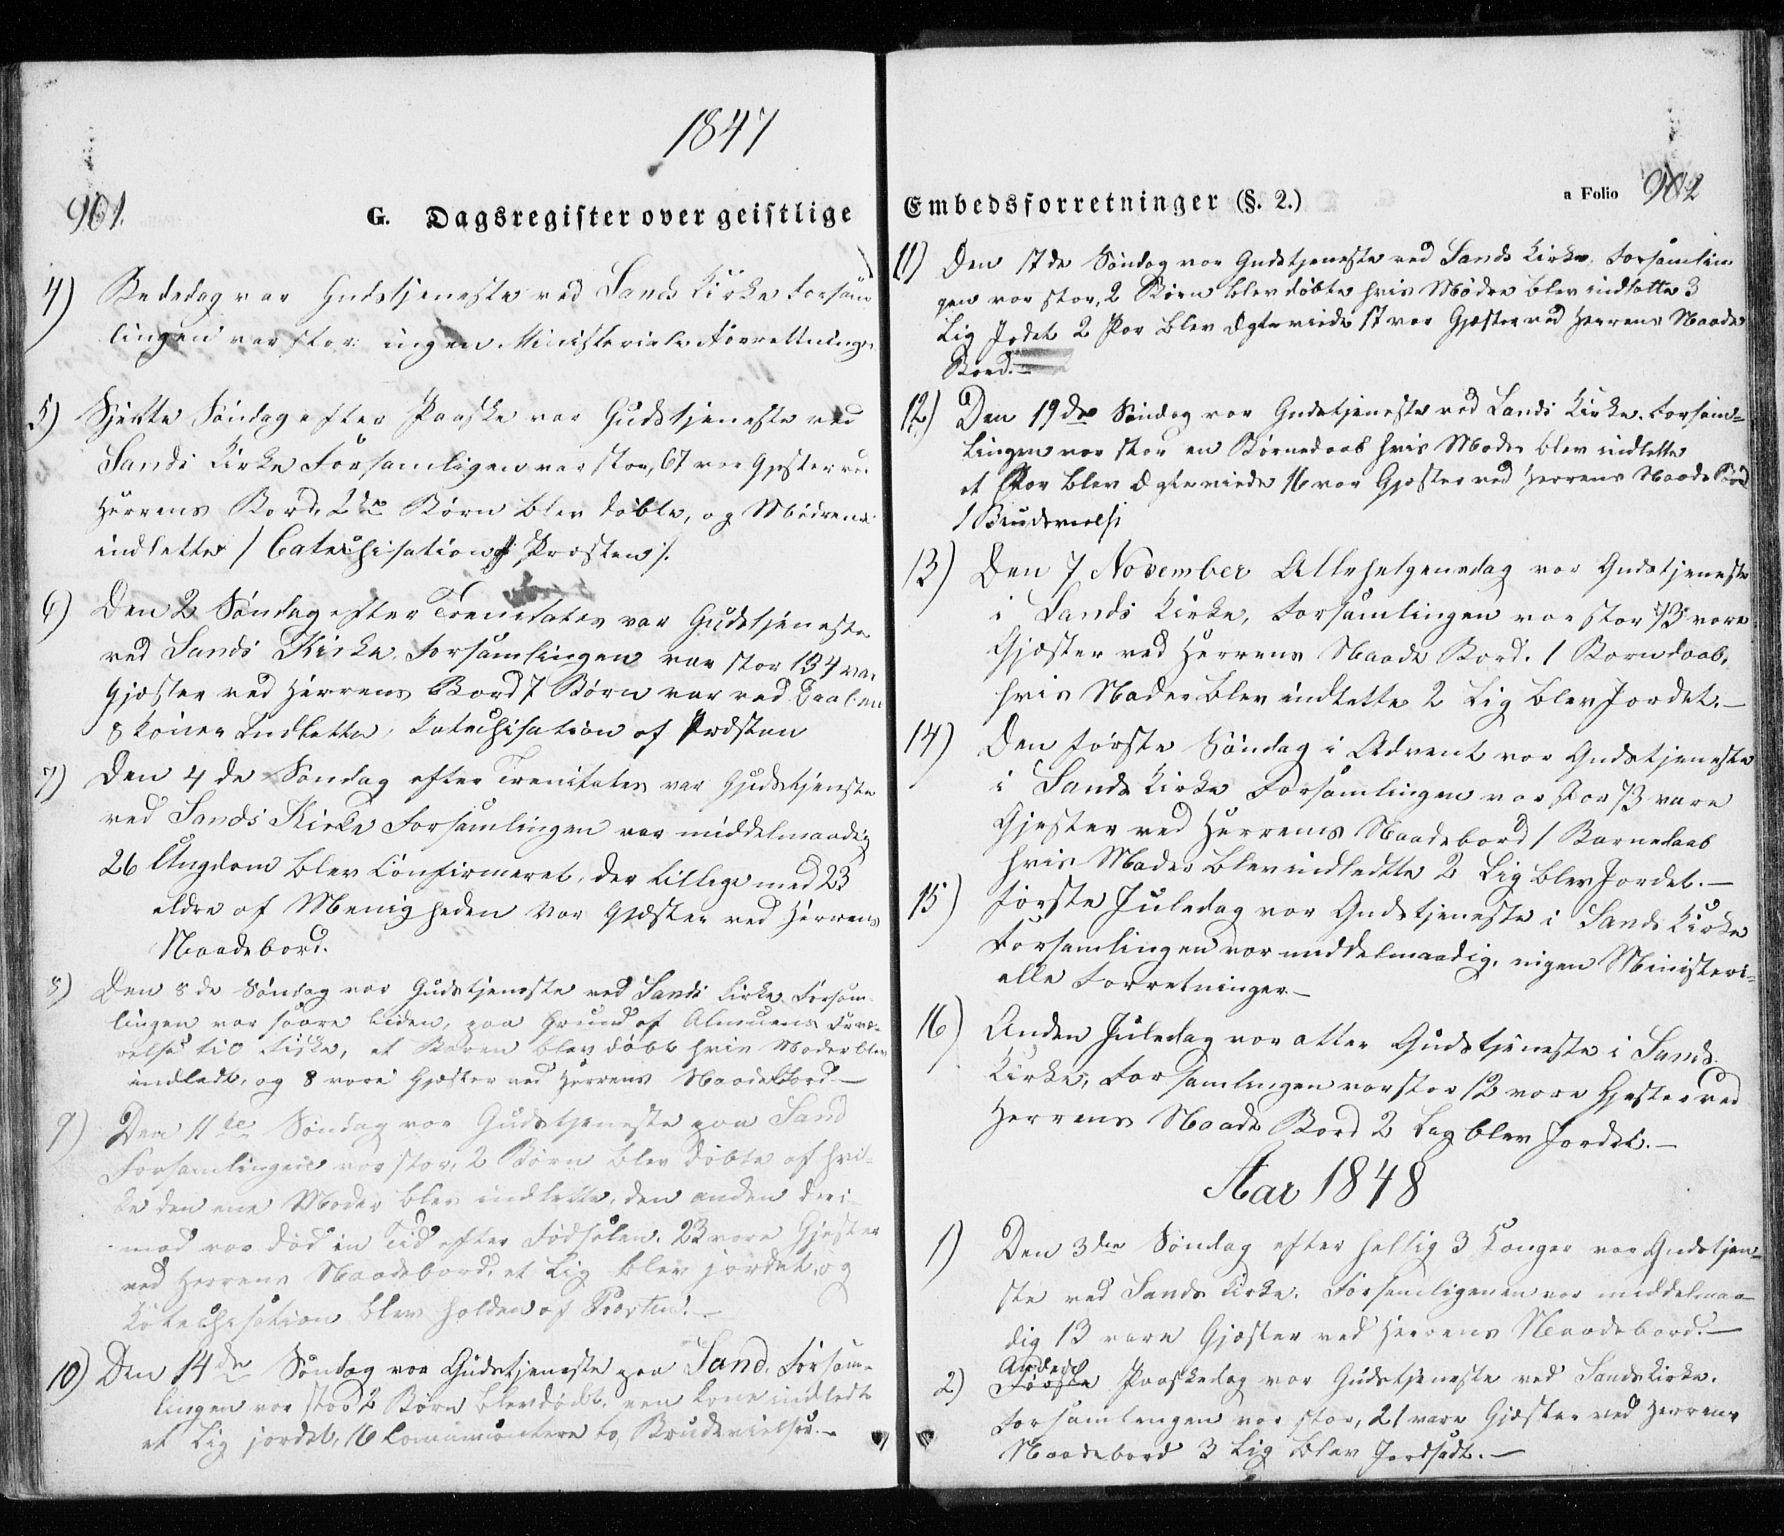 SATØ, Trondenes sokneprestkontor, H/Ha/L0010kirke: Ministerialbok nr. 10, 1840-1865, s. 901-902